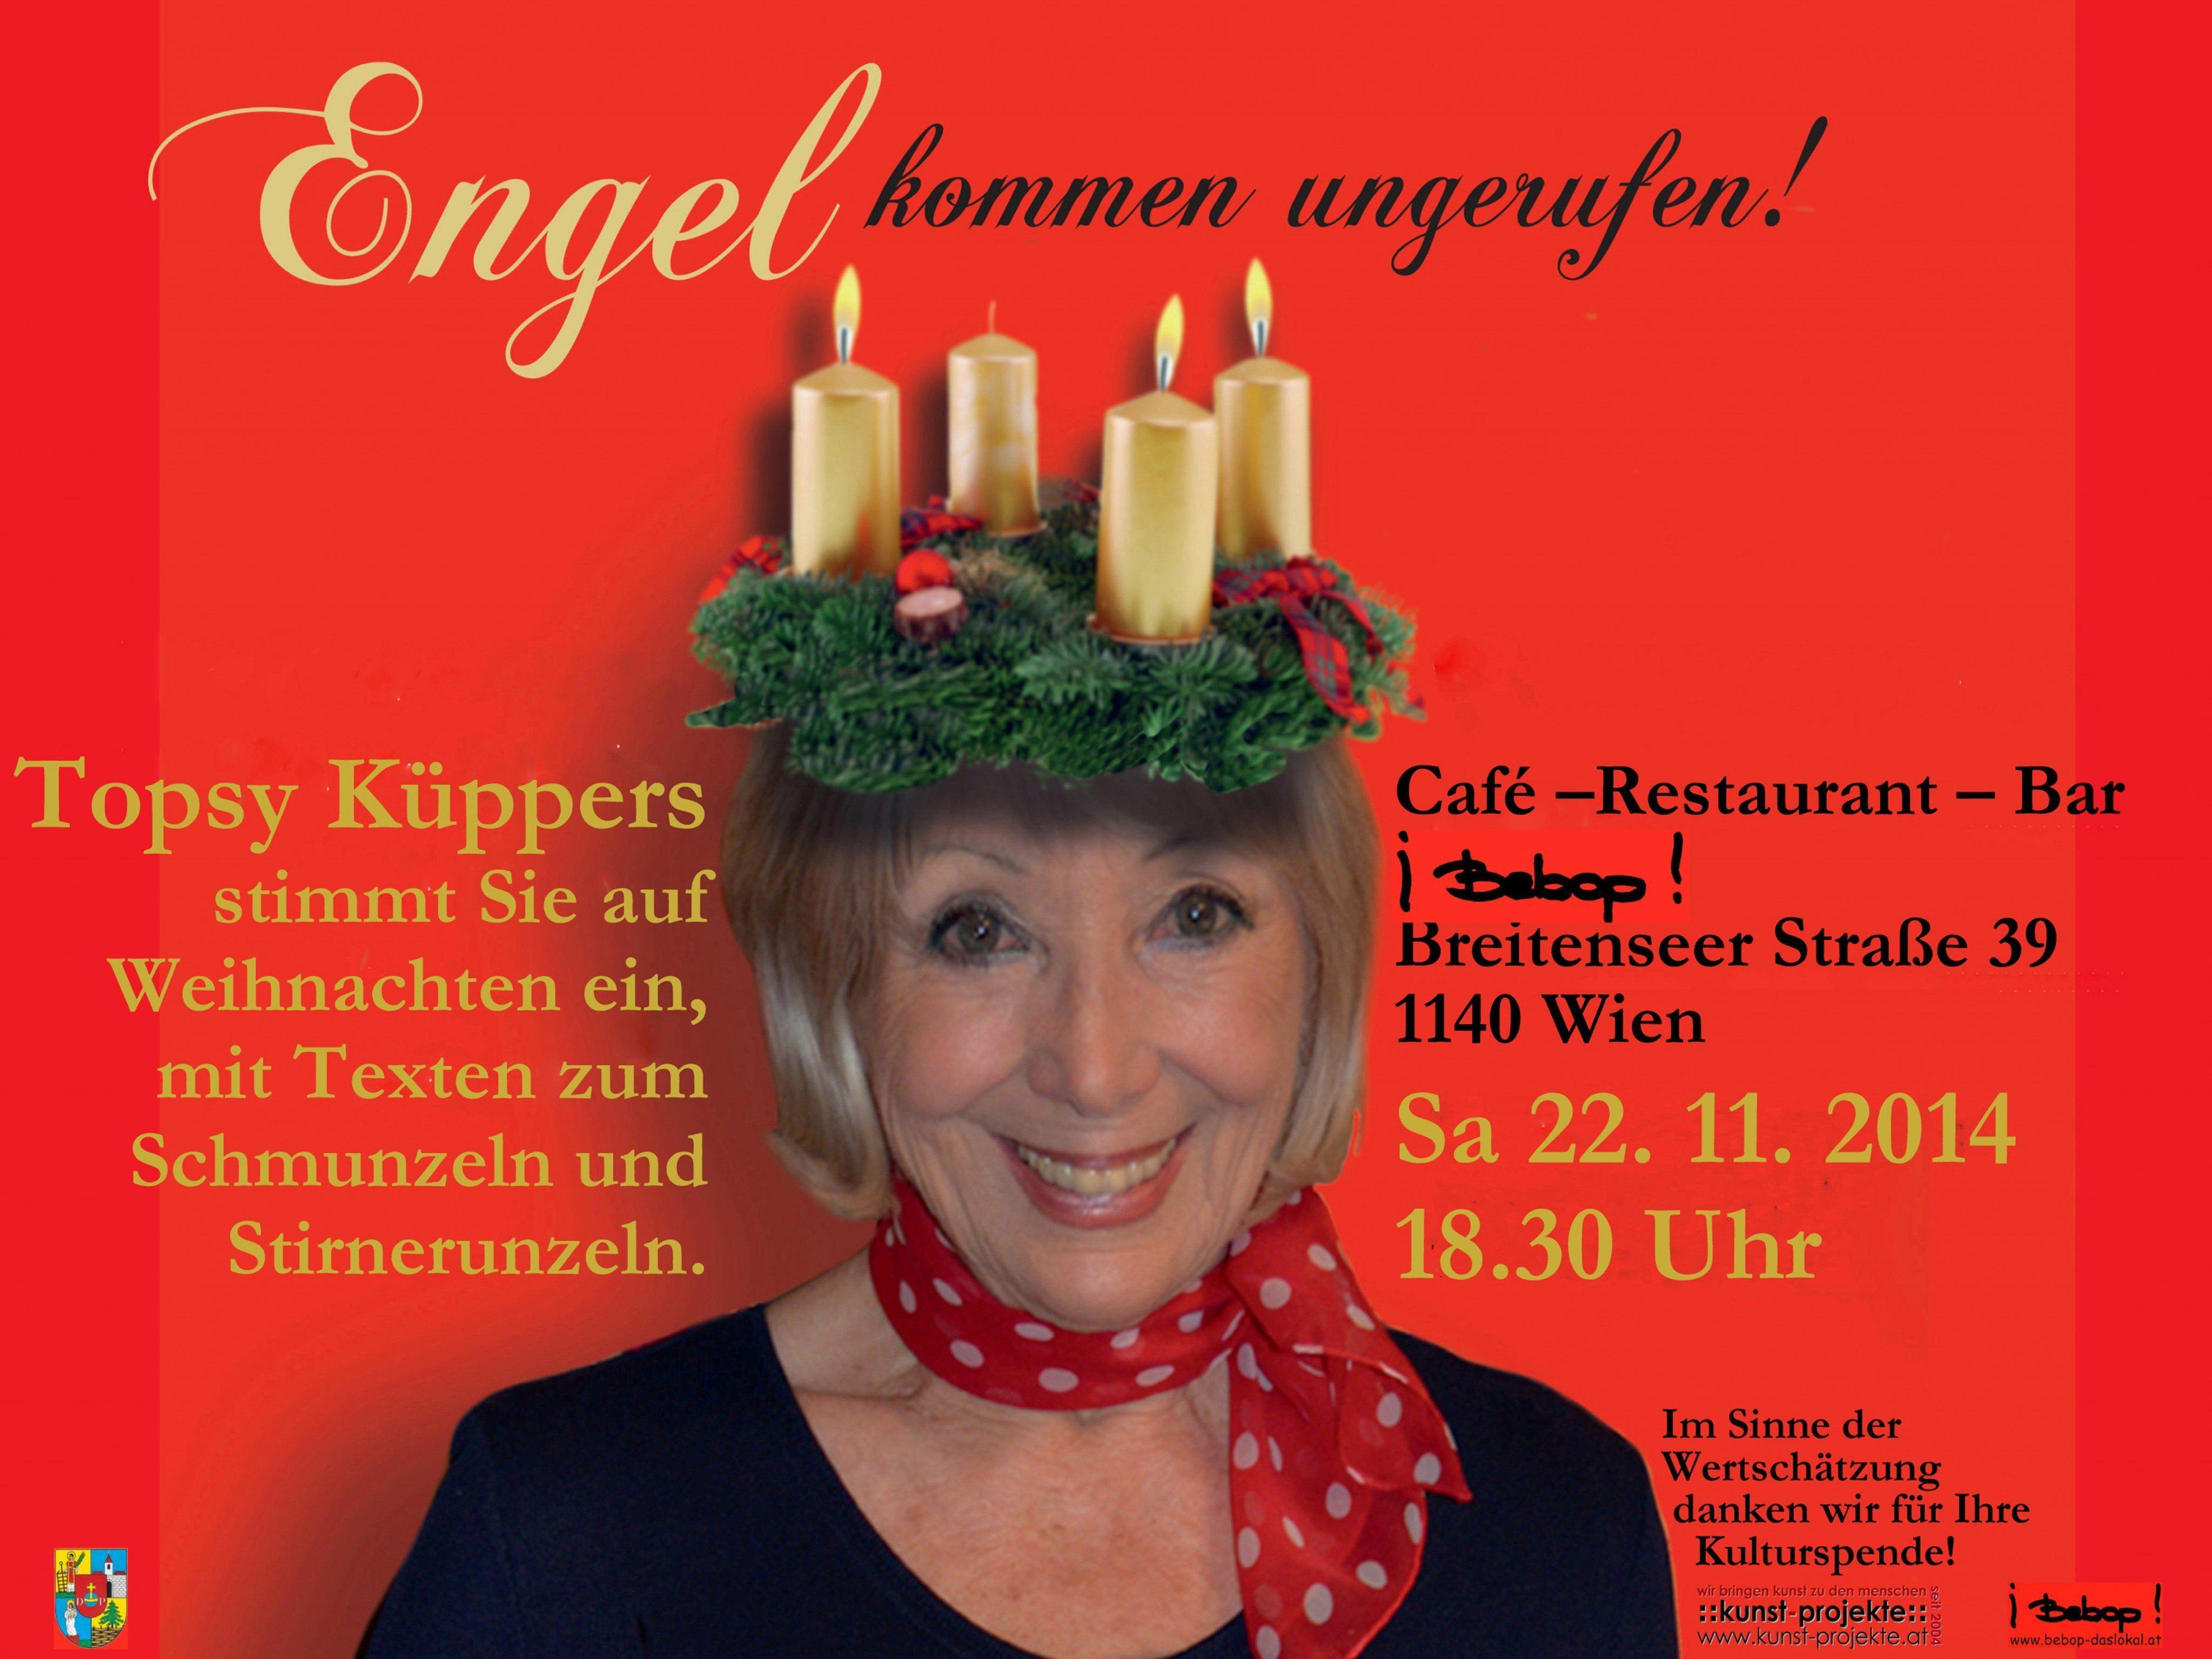 Topsy Küppers Adventlesung 22. November im Bebop